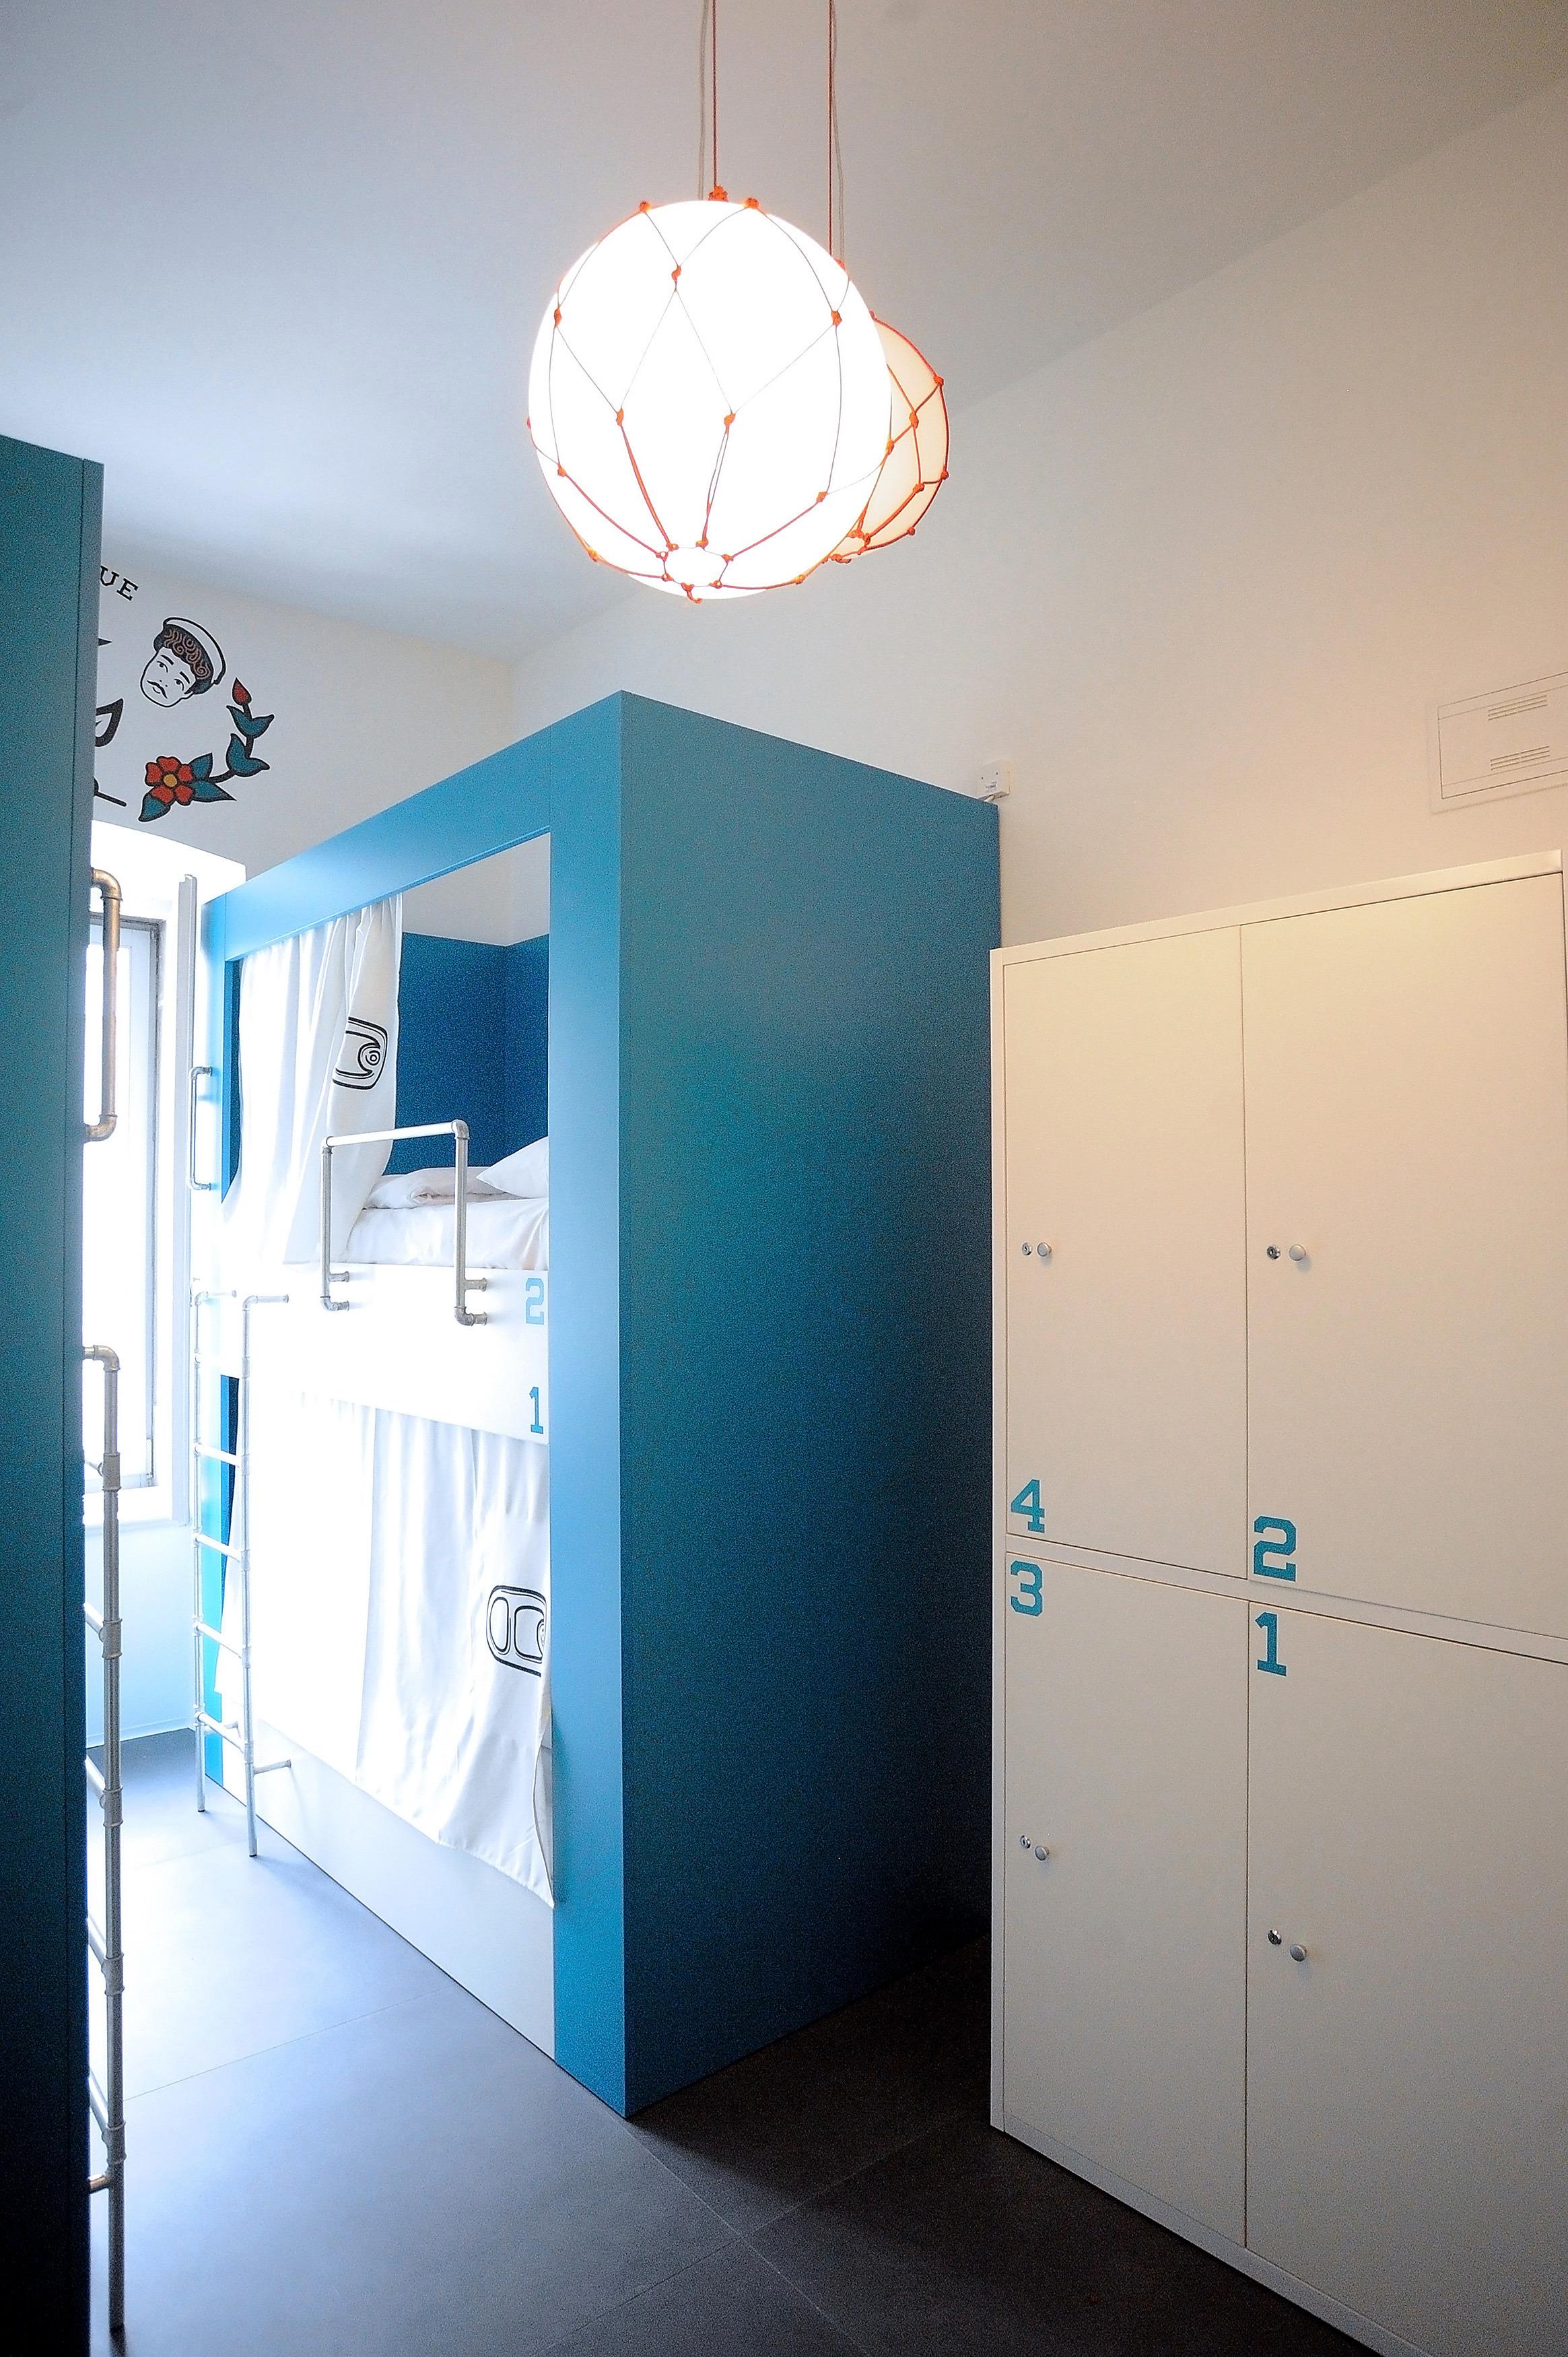 Hostel_Papalinna_4_bedroom